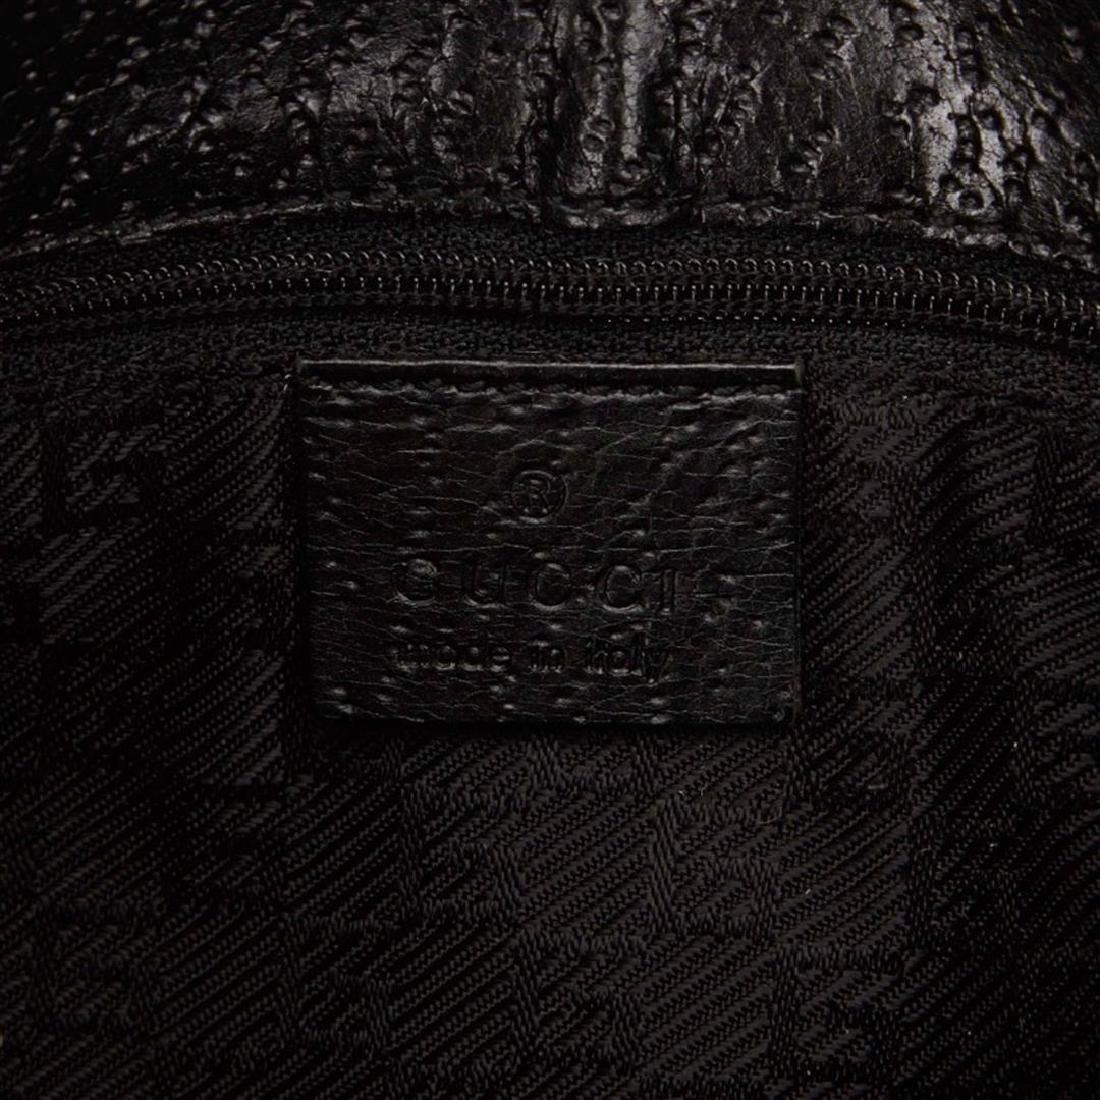 Gucci Black Canvas Leather Jackie Shoulder Bag - 6